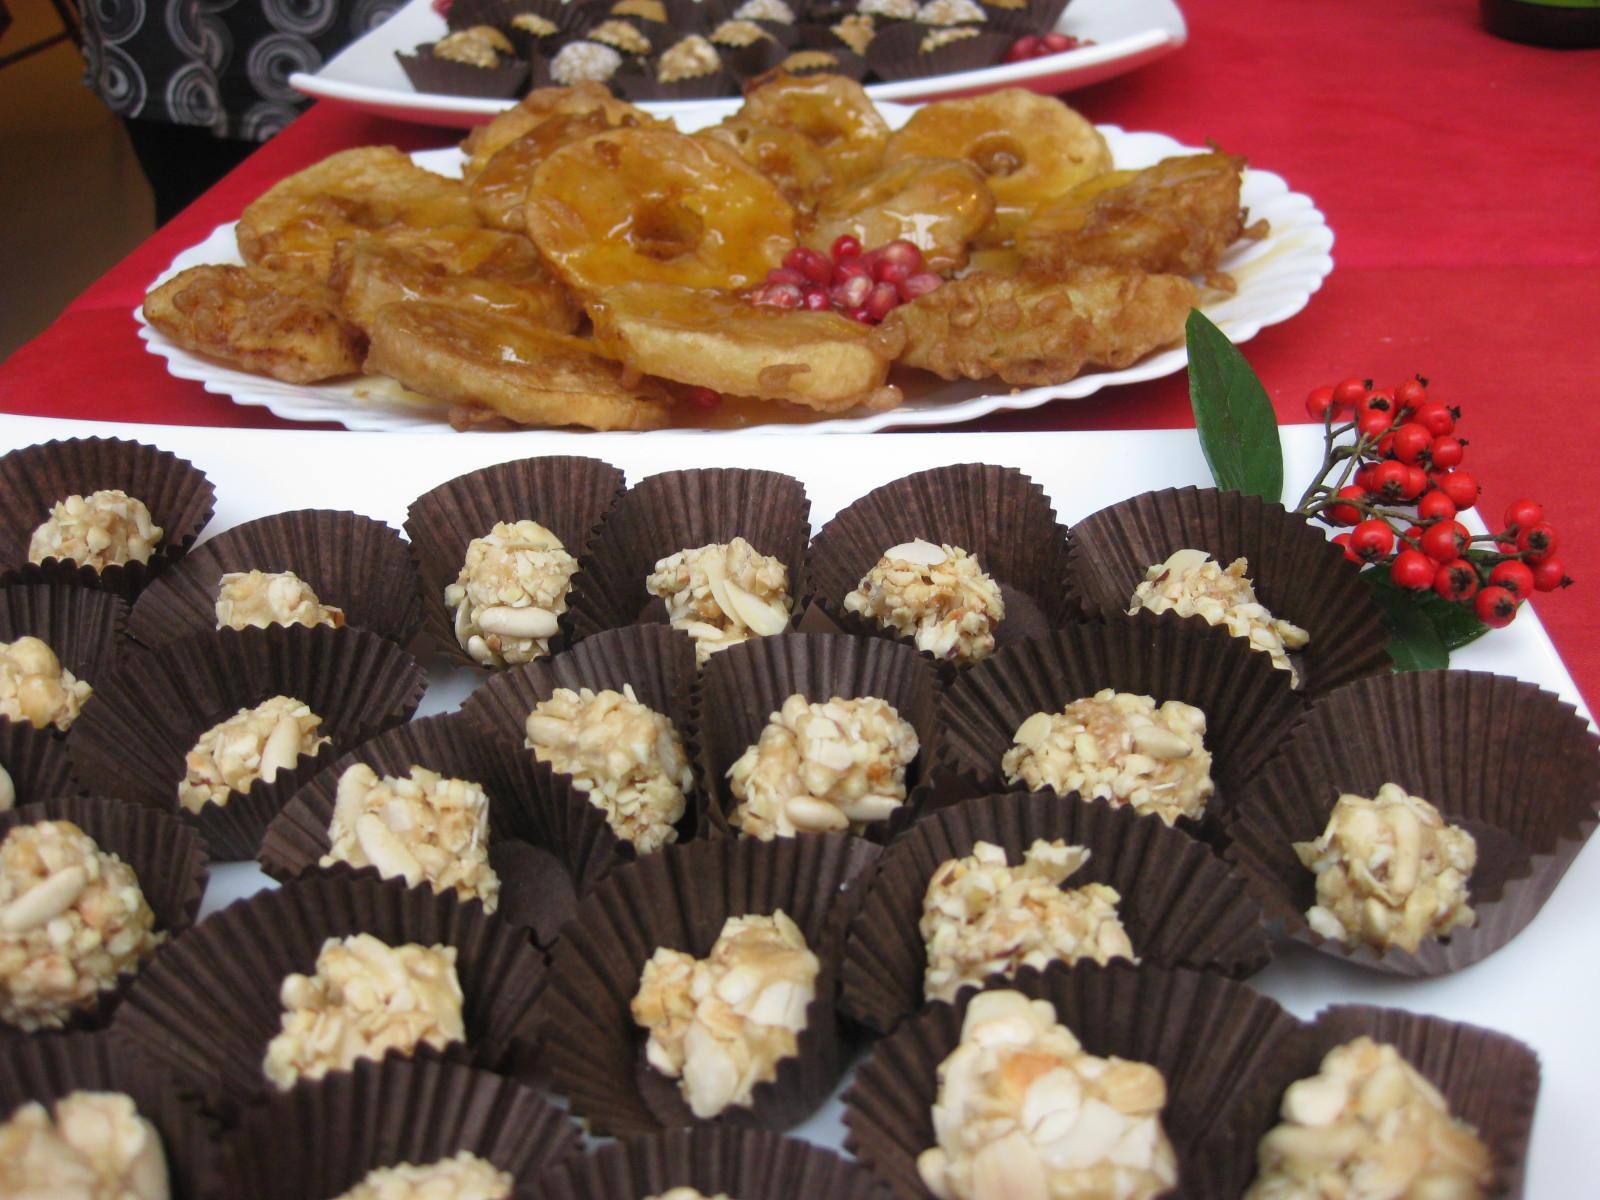 Rocas de frutos secos y piñones, y donuts de manzana de Cocina Energetica